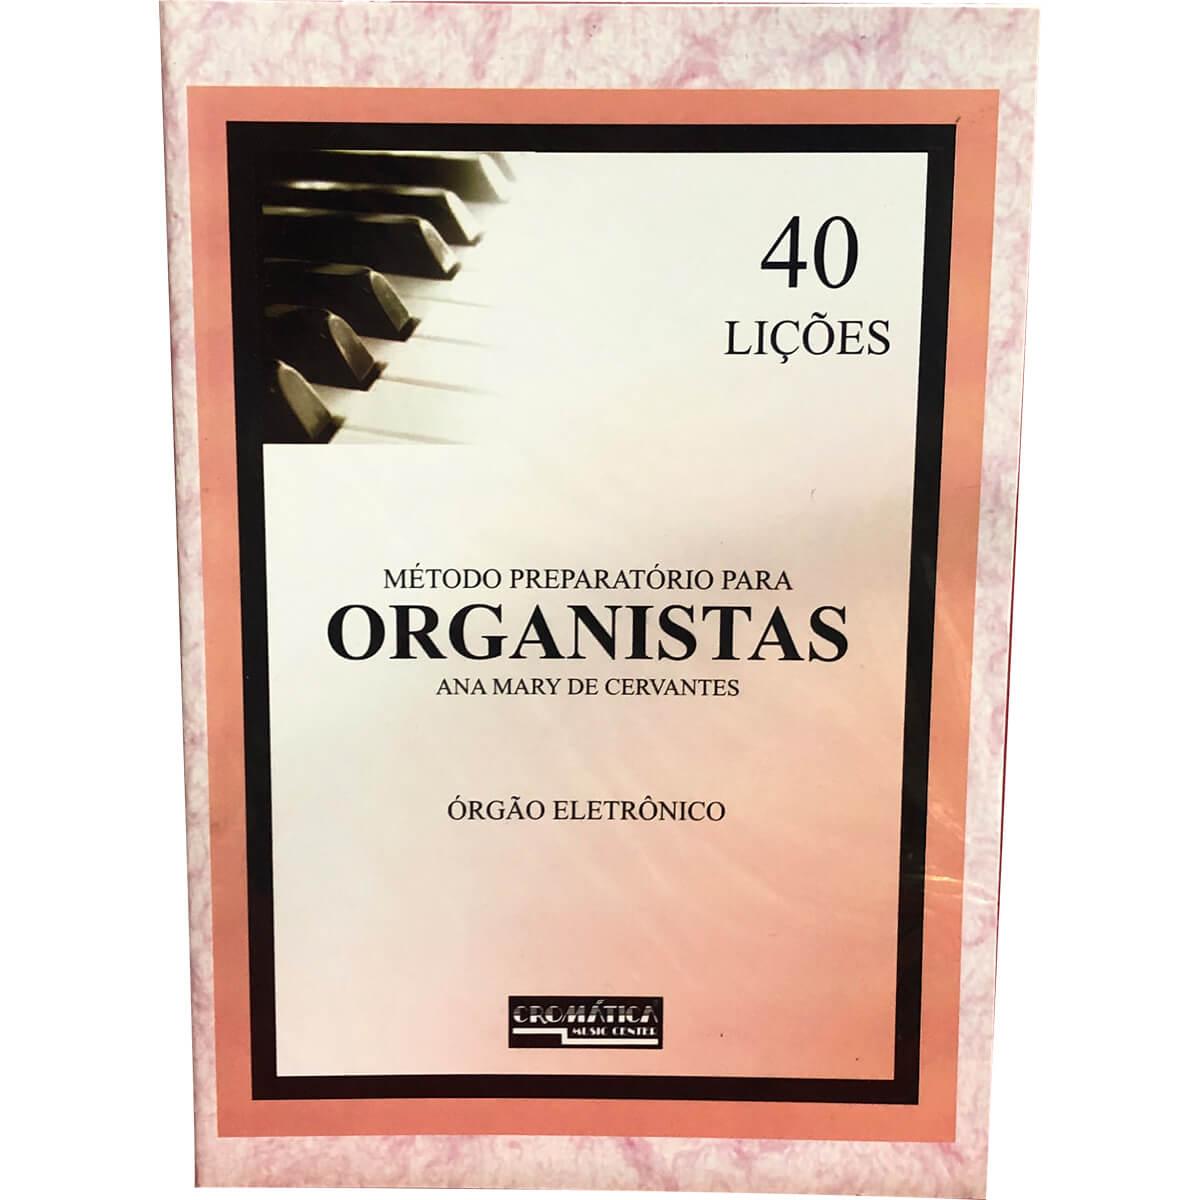 Método - Organistas - 40 Lições  - Órgão - Ana Mary De Cervantes